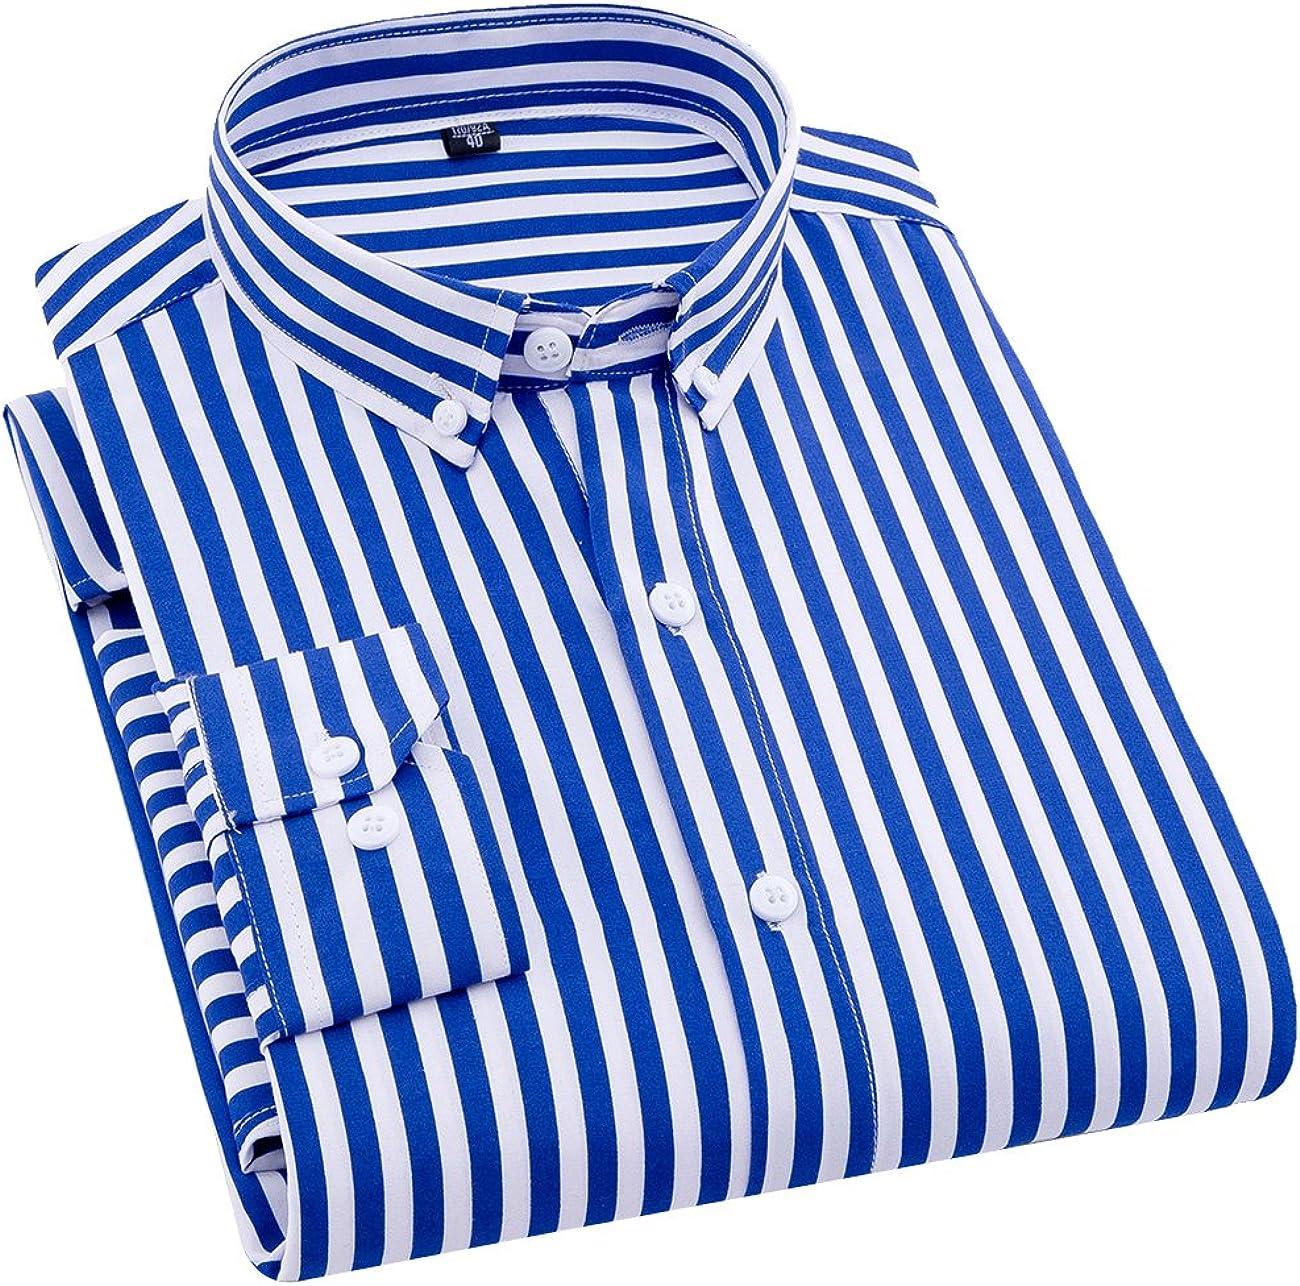 ERZTIAY Camisa de Vestir de Manga Larga con Corte Ajustado, Estilo clásico, Informal, Vertical, a Rayas, para Hombre - Azul - Large: Amazon.es: Ropa y accesorios